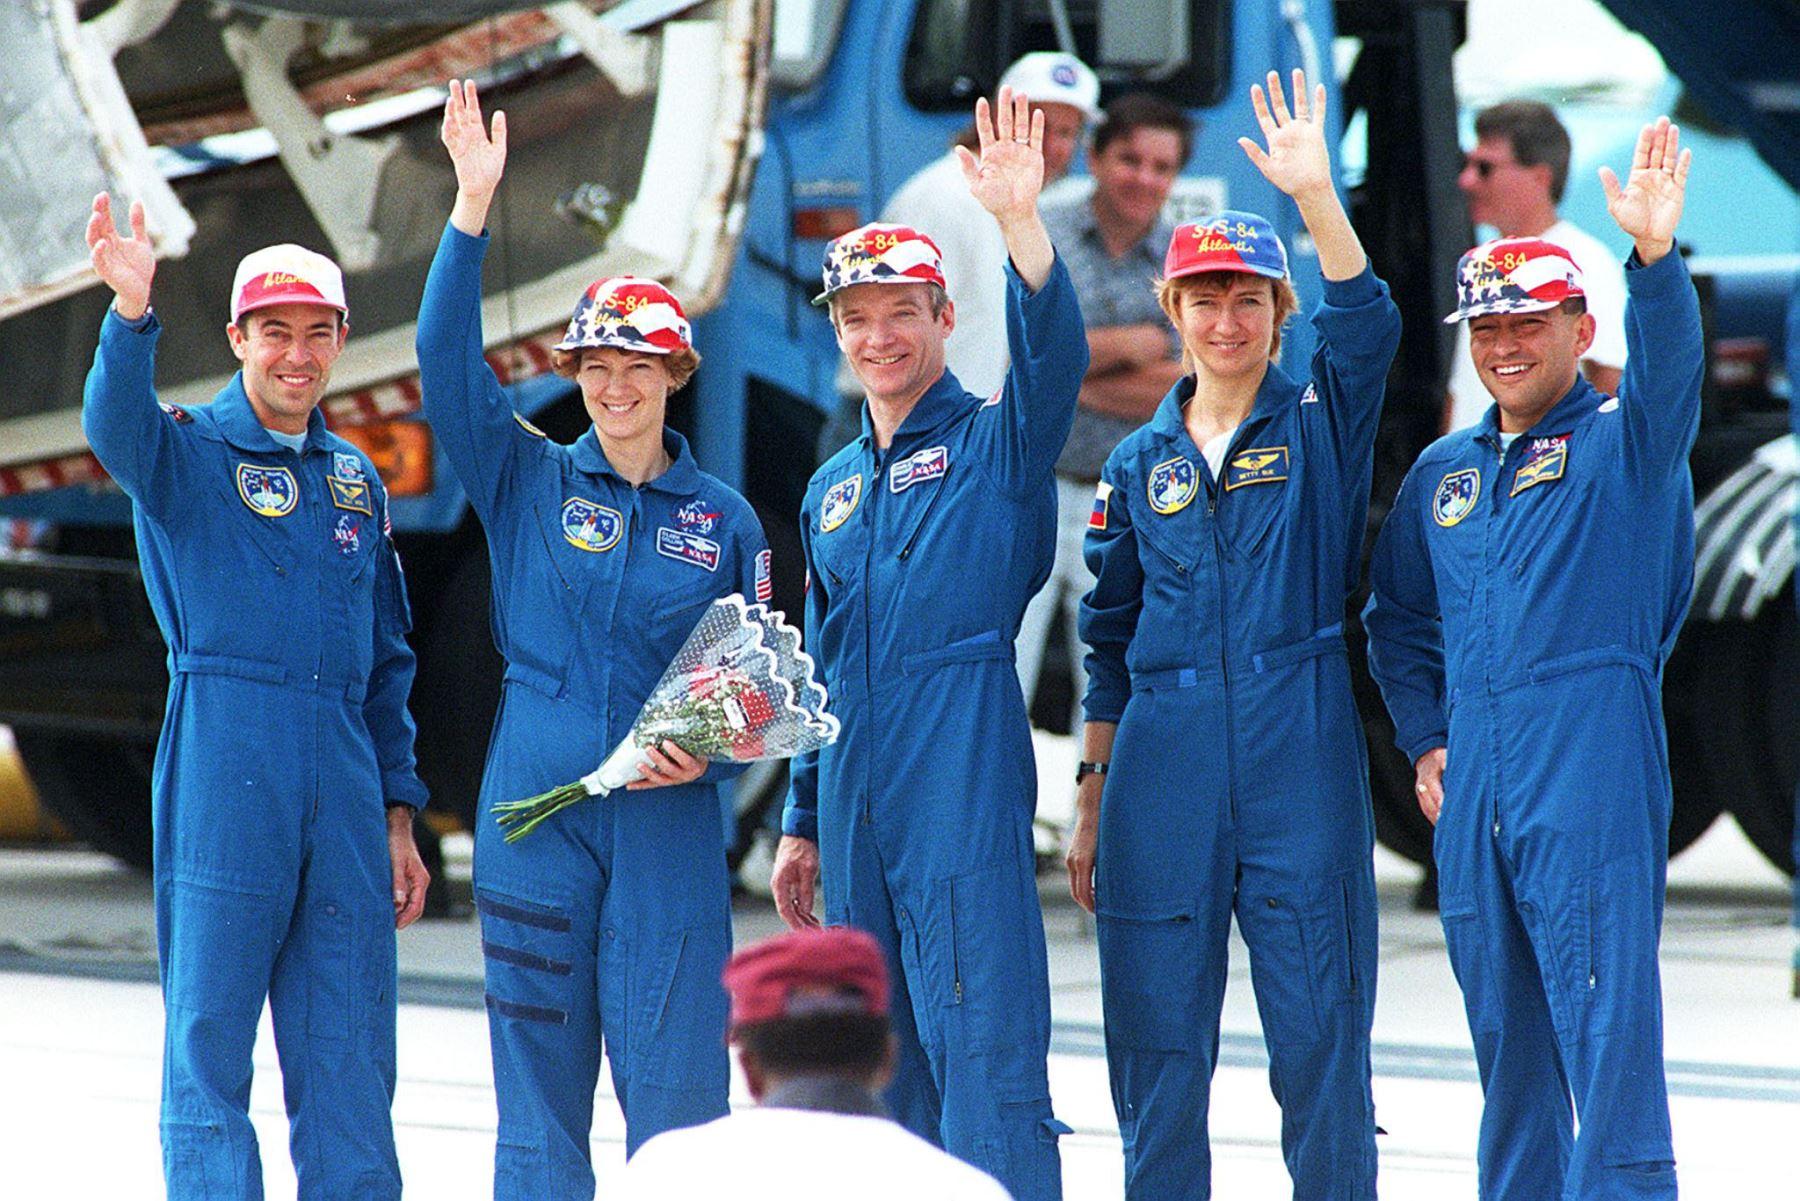 El astronauta Carlos Noriega y miembros de la tripulación saludan a los medios de comunicación luego del aterrizaje del transbordador en Florida completando una misión de diez días a la Estación Espacial Rusa Mir. Foto: AFP